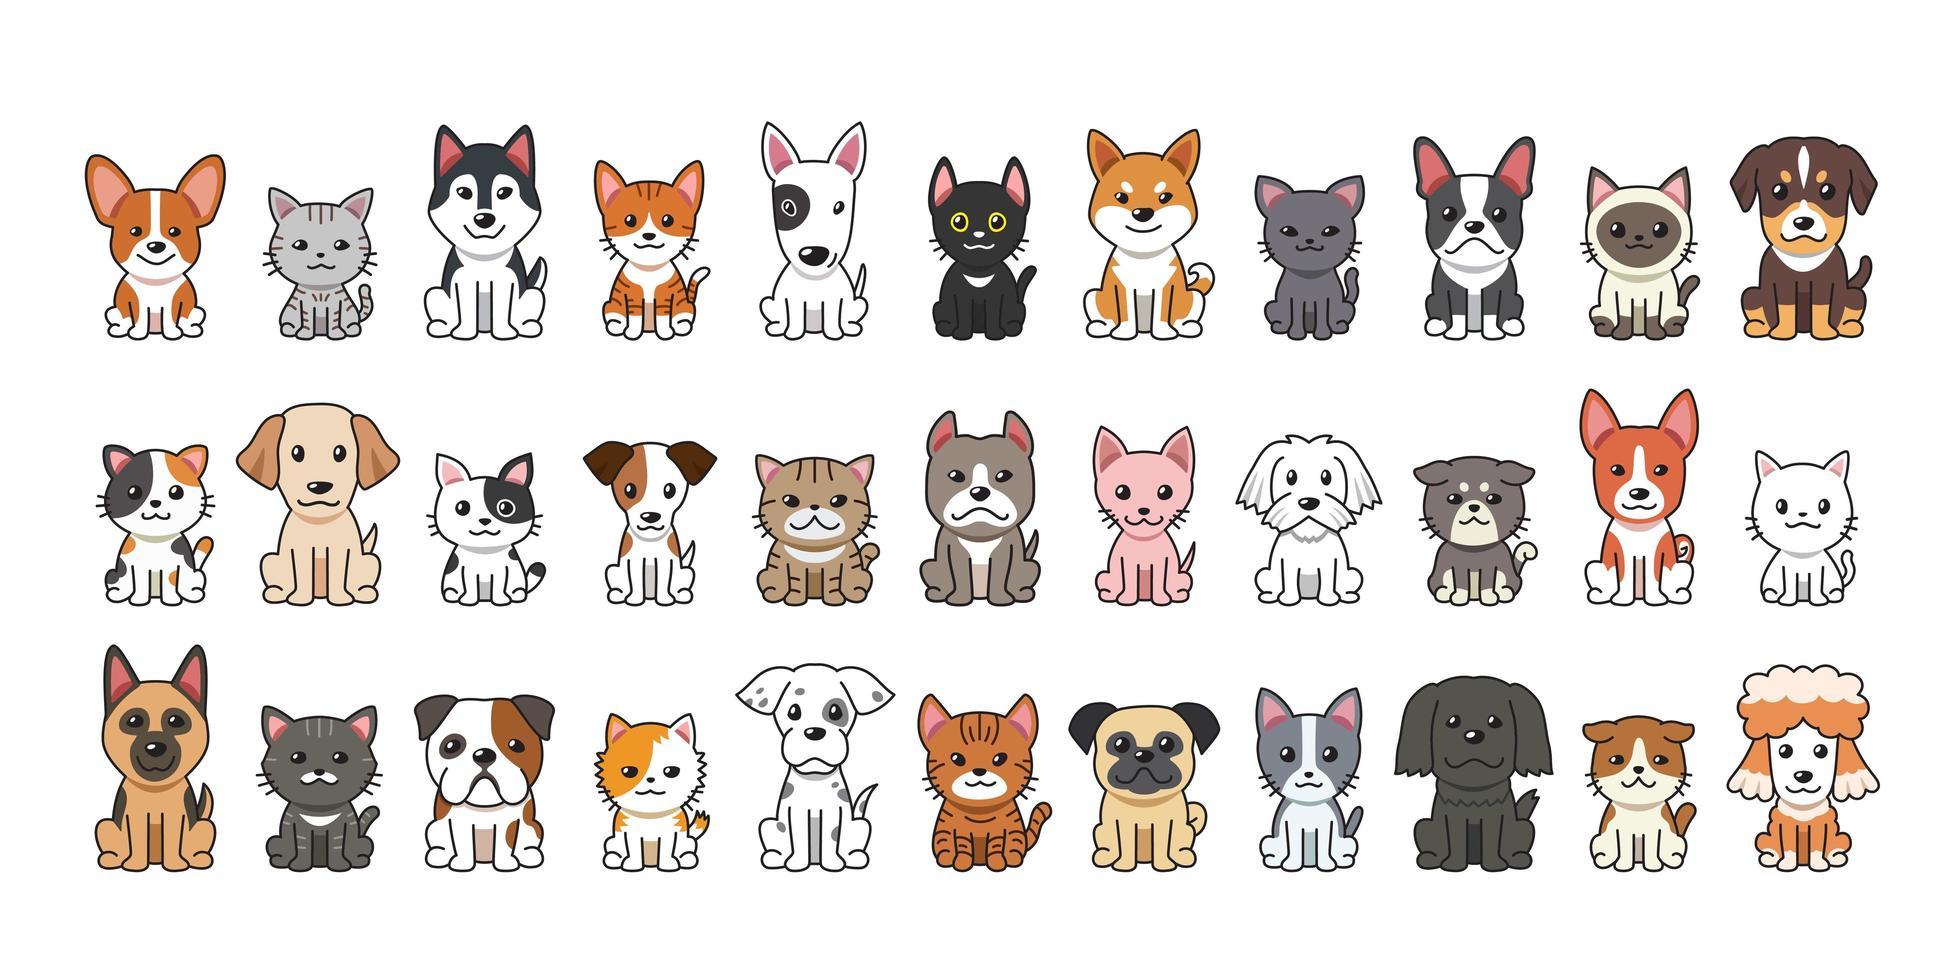 tecknade katter och hundar vektor